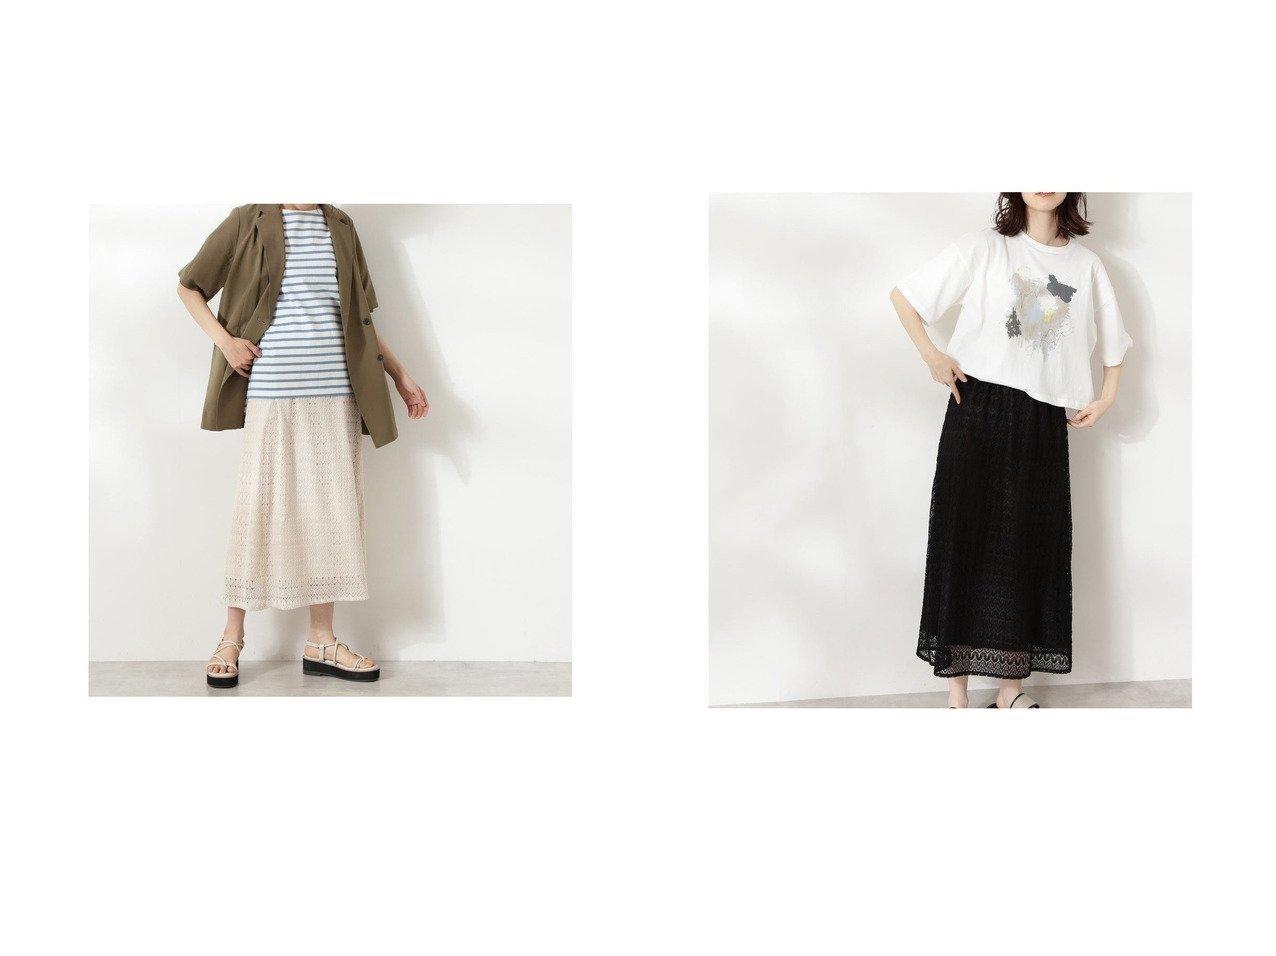 【N.Natural Beauty basic/エヌ ナチュラルビューティーベーシック】のレースマキシスカート ナチュラル おすすめ!人気、トレンド・レディースファッションの通販 おすすめで人気の流行・トレンド、ファッションの通販商品 インテリア・家具・メンズファッション・キッズファッション・レディースファッション・服の通販 founy(ファニー) https://founy.com/ ファッション Fashion レディースファッション WOMEN スカート Skirt 2021年 2021 2021春夏・S/S SS/Spring/Summer/2021 S/S・春夏 SS・Spring/Summer おすすめ Recommend リラックス レース 春 Spring  ID:crp329100000042339